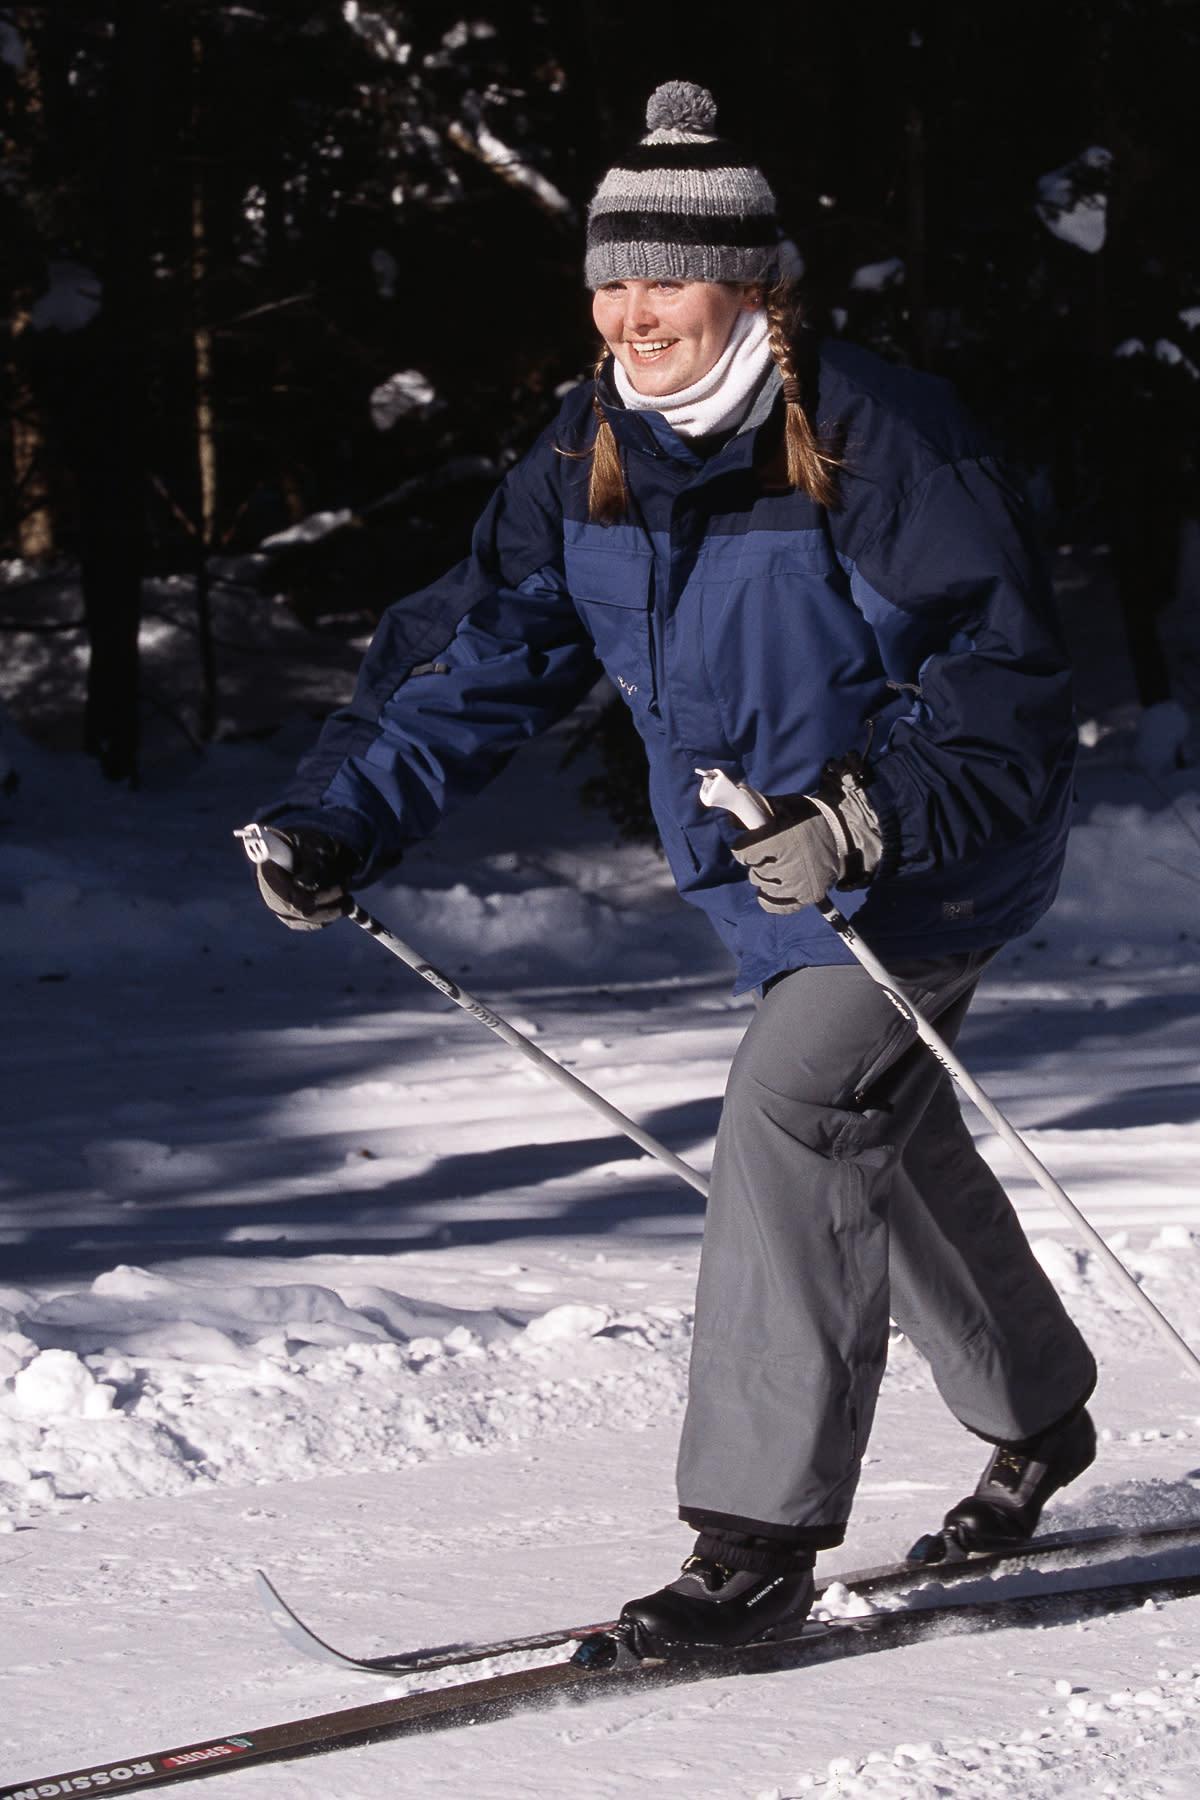 XC Ski trails in the Catskills